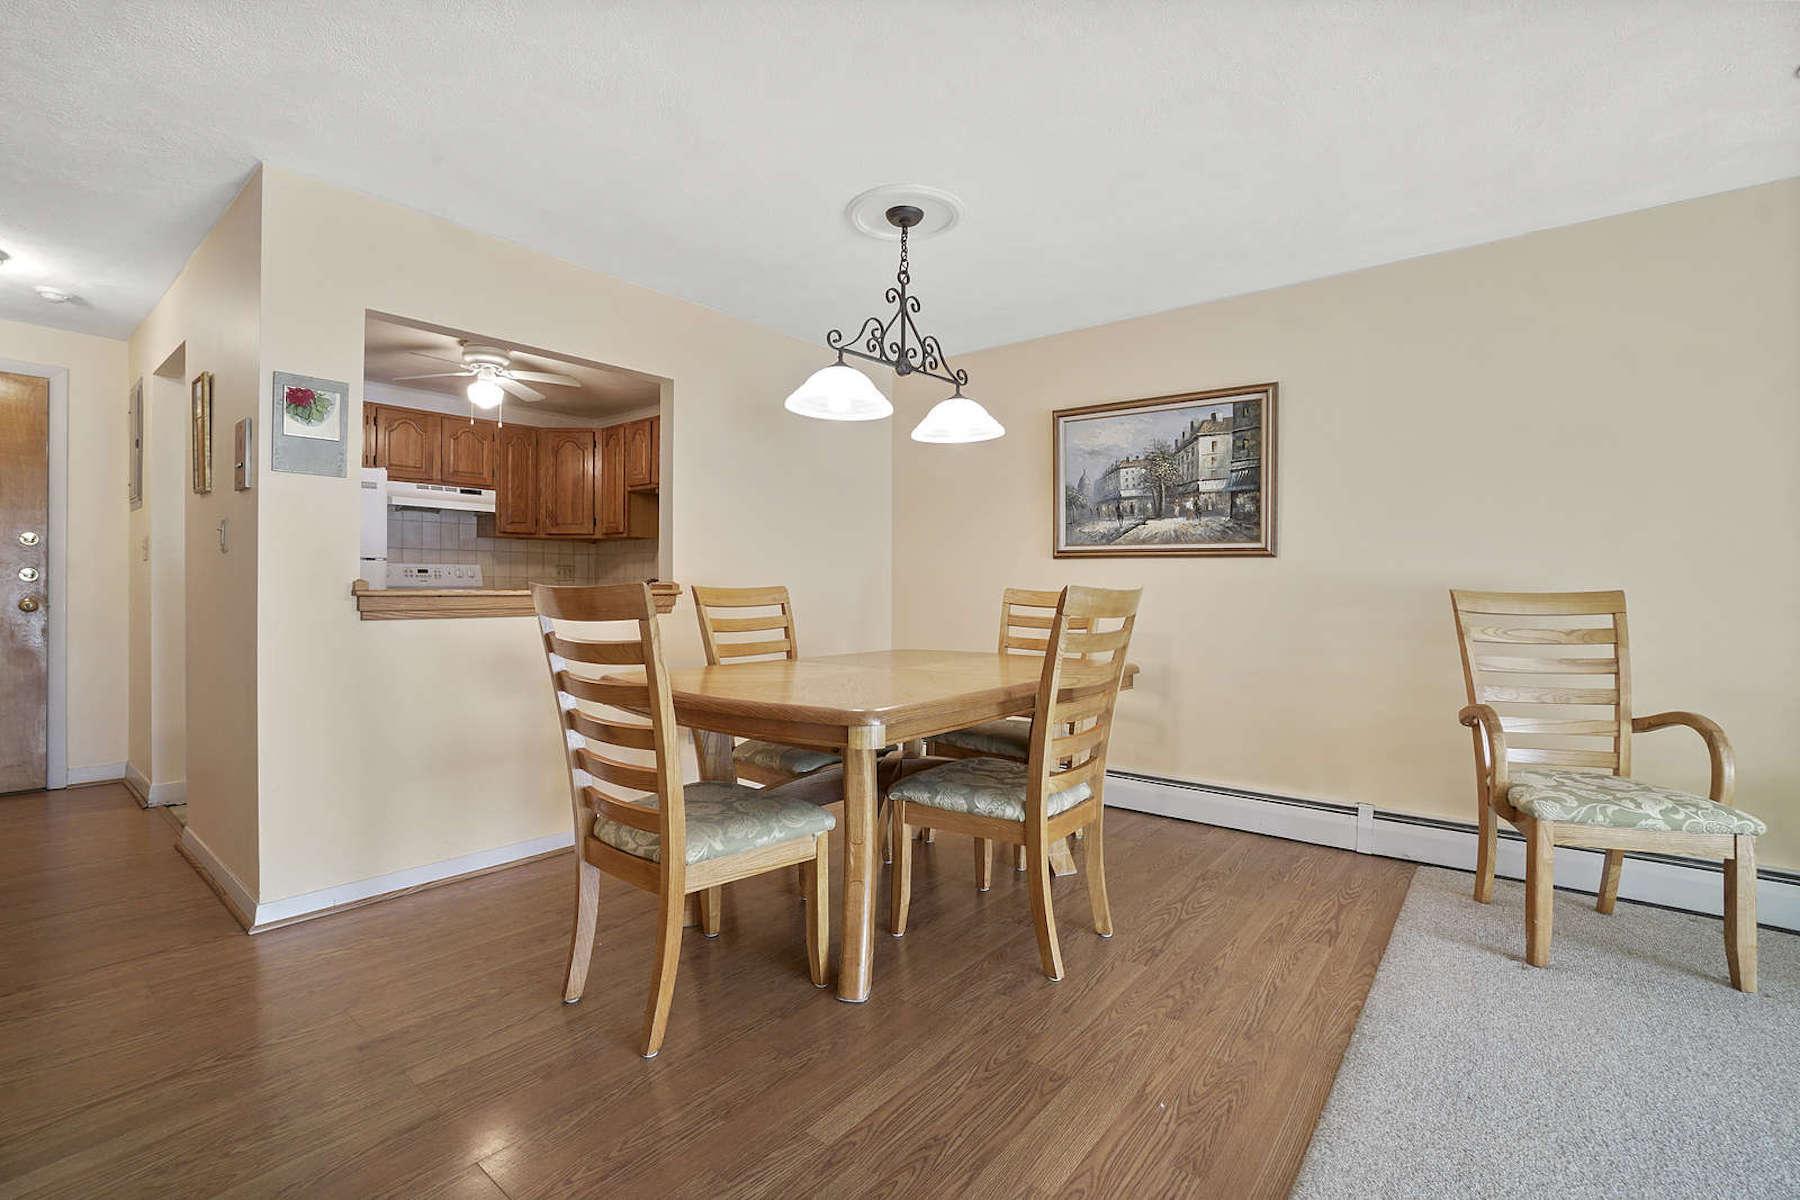 Condominium for Active at 34 Hamilton Road, Unit 208 34 Hamilton Road Unit 208 Arlington, Massachusetts 02474 United States